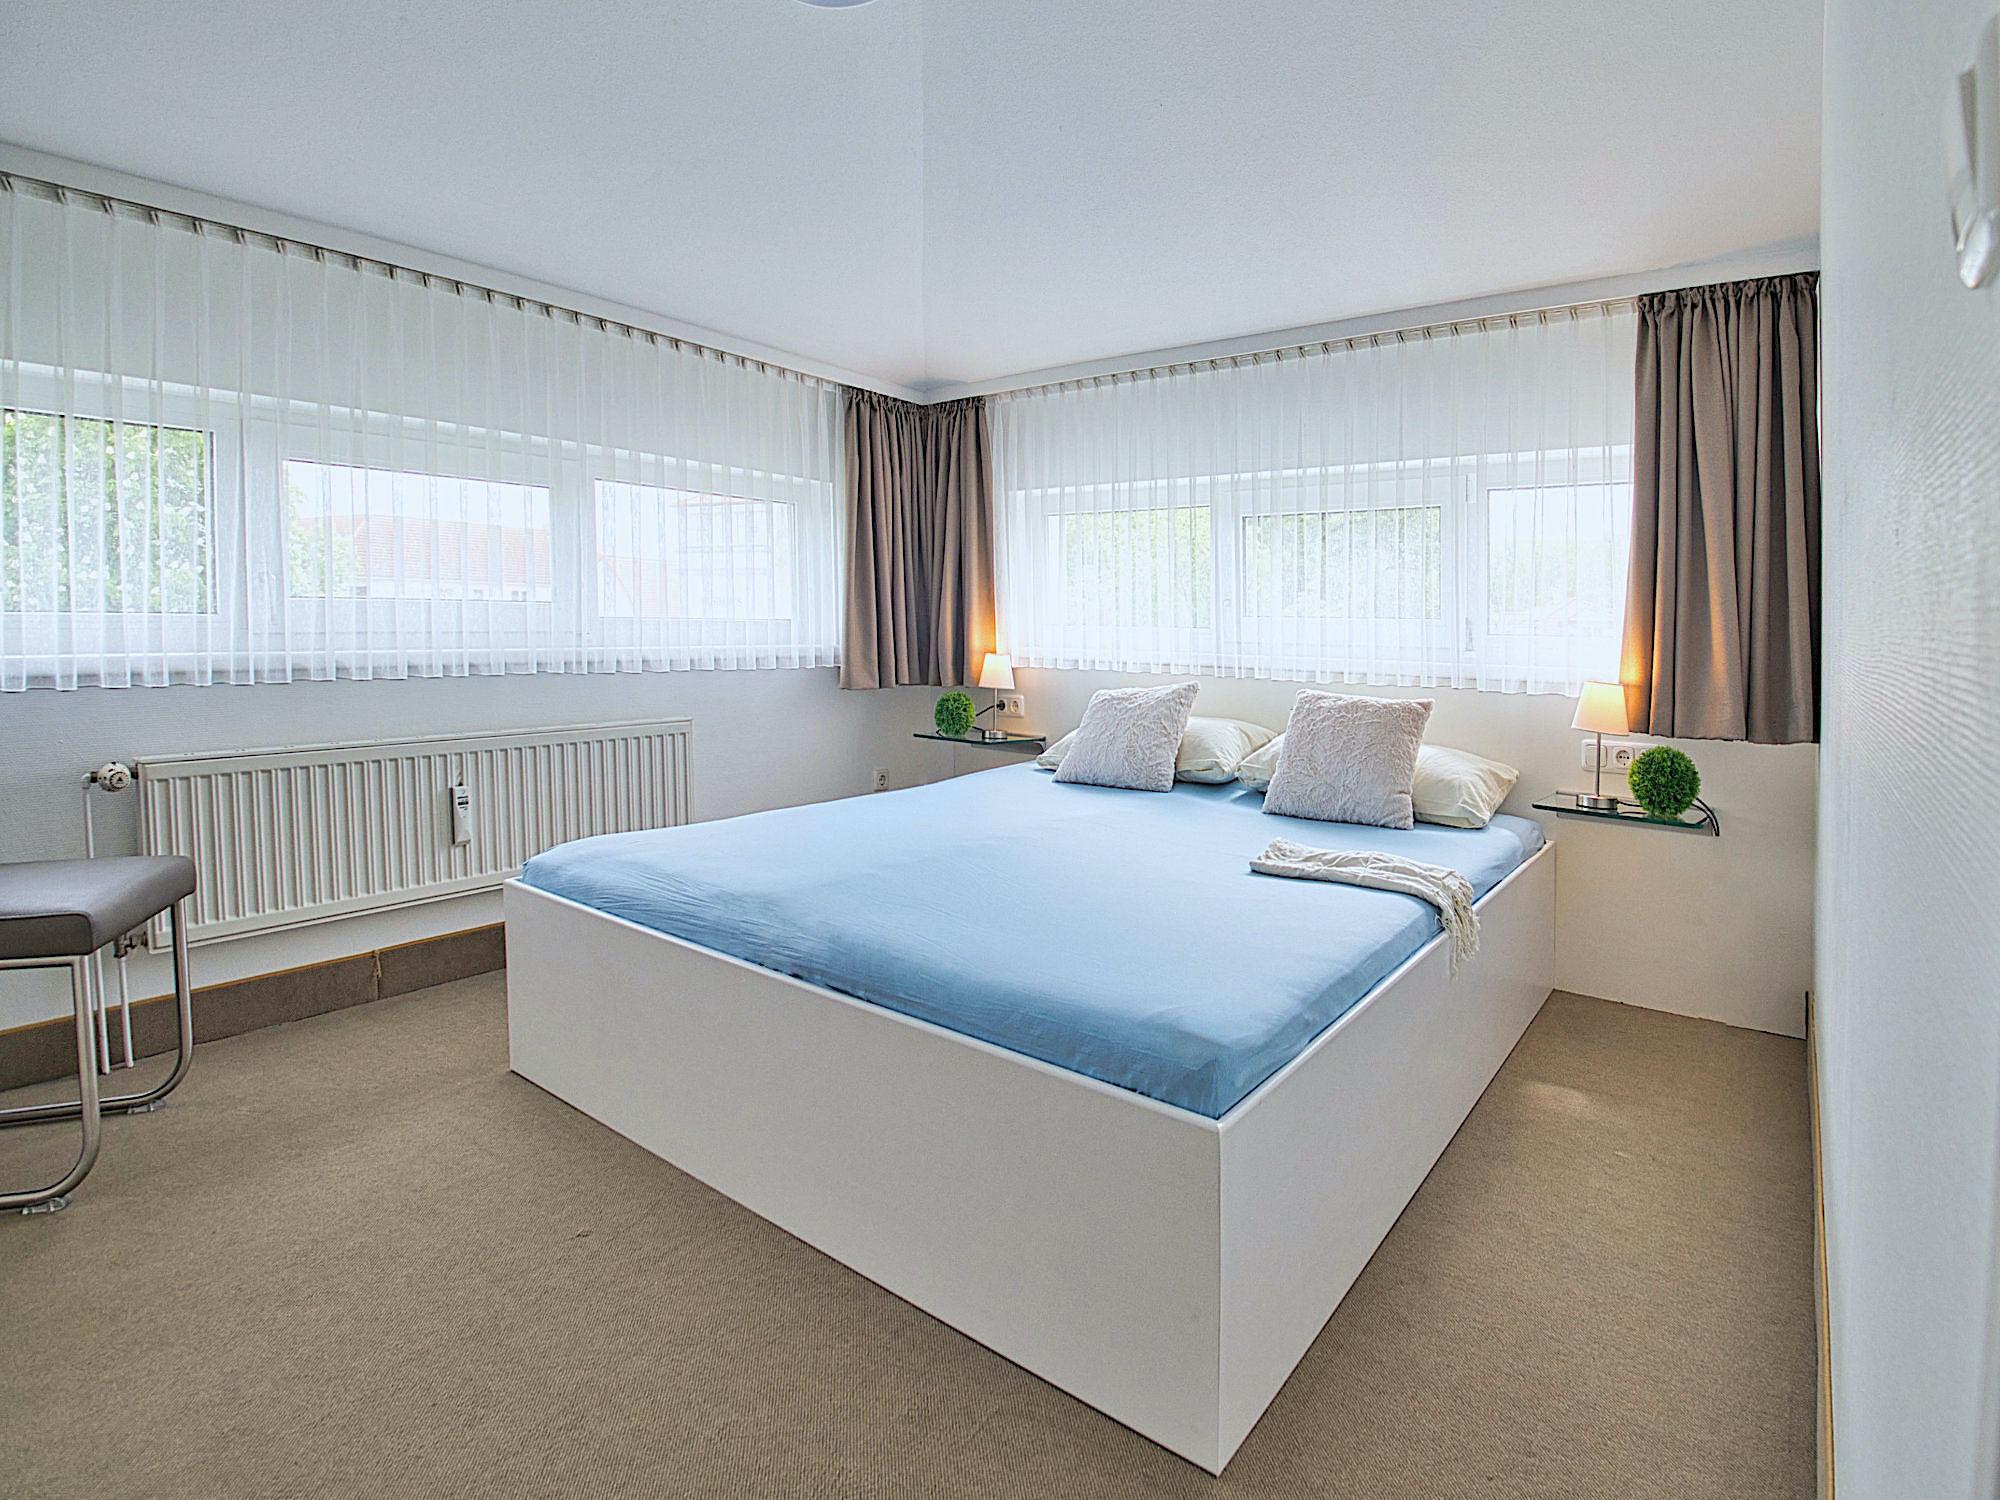 Zweites Schlafzimmer mit Doppelbett, breite Fensterfronten an zwei Wänden